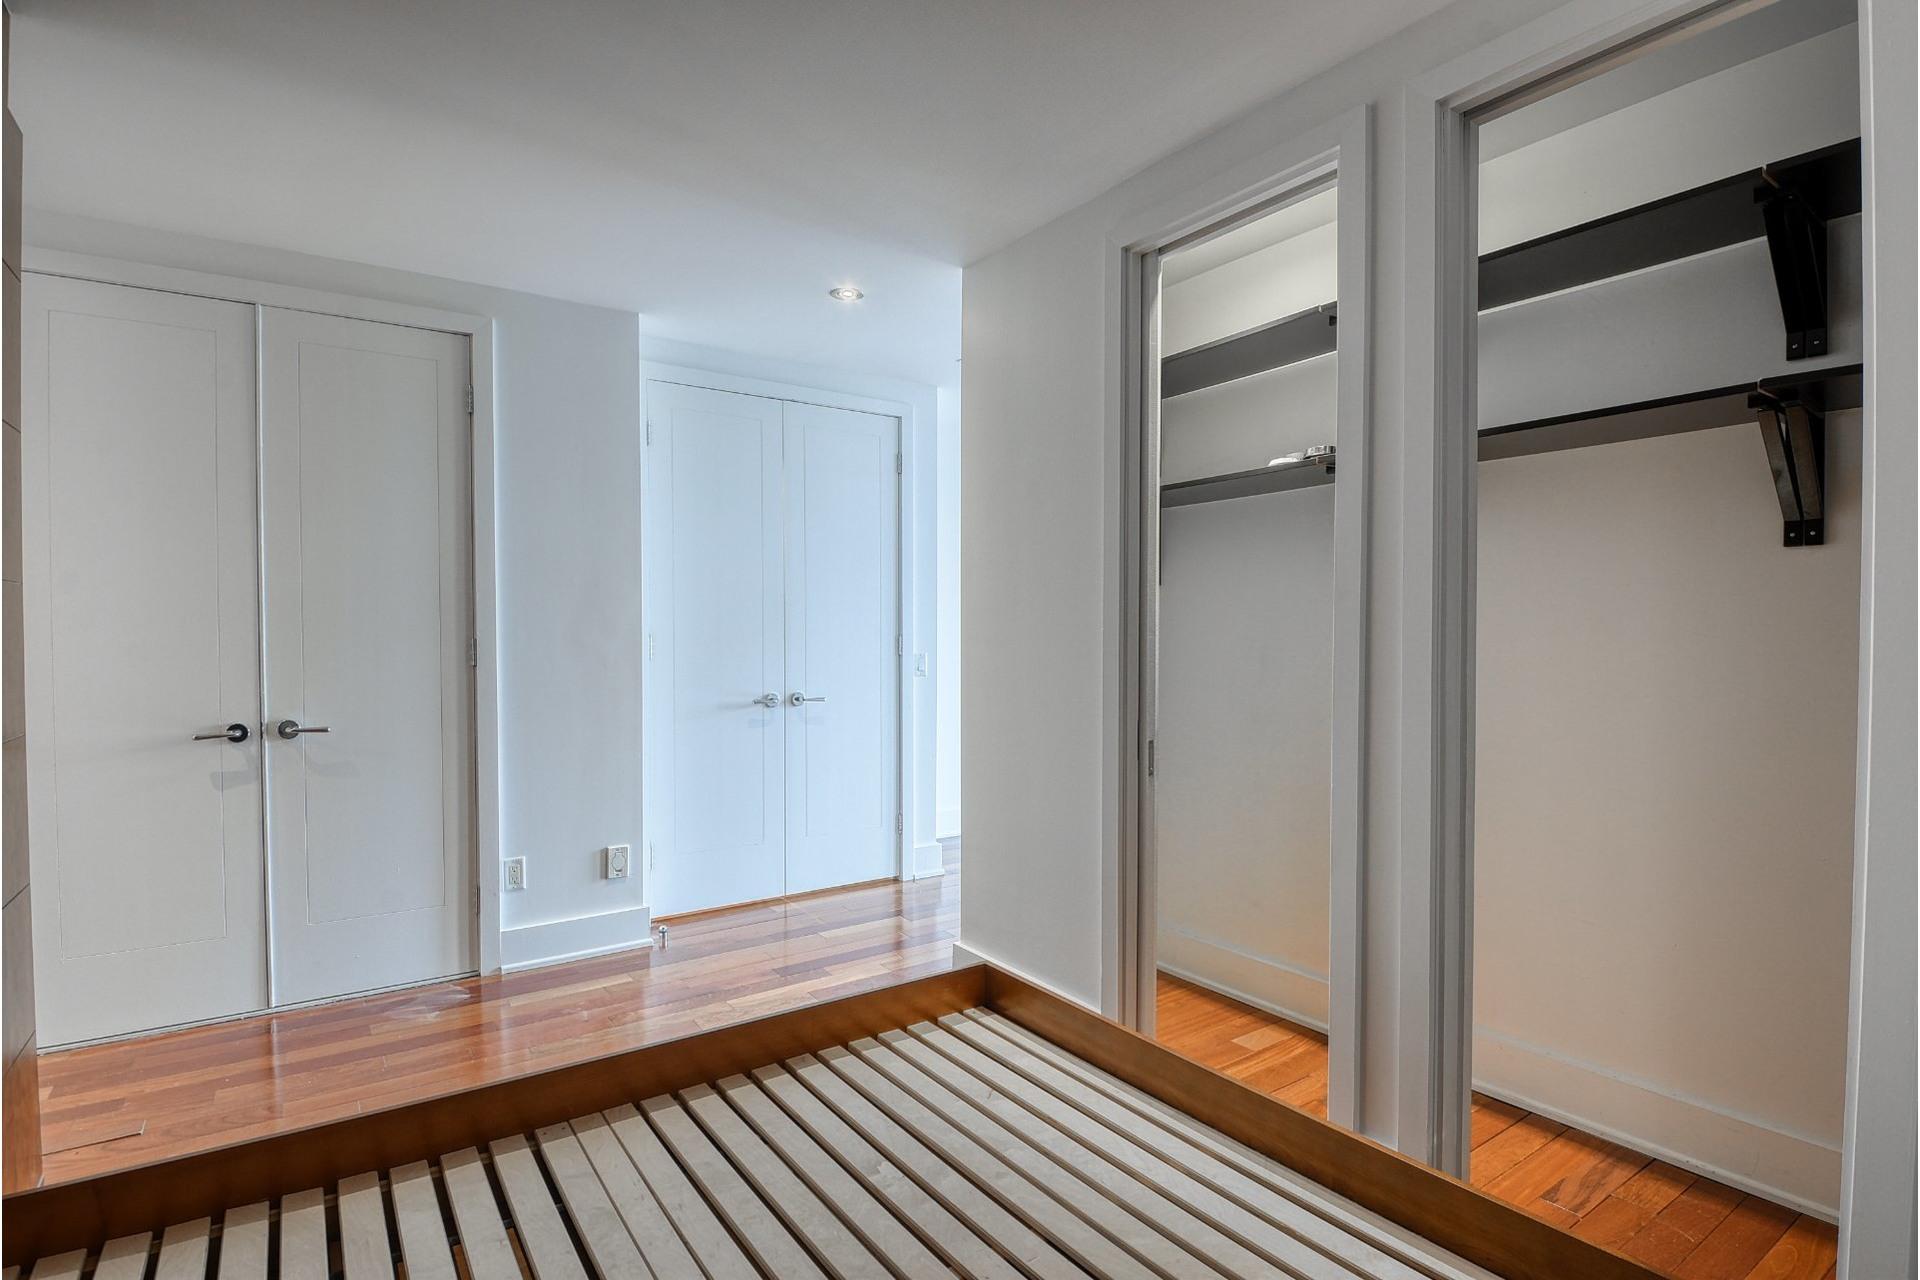 image 8 - Appartement À vendre Le Plateau-Mont-Royal Montréal  - 3 pièces